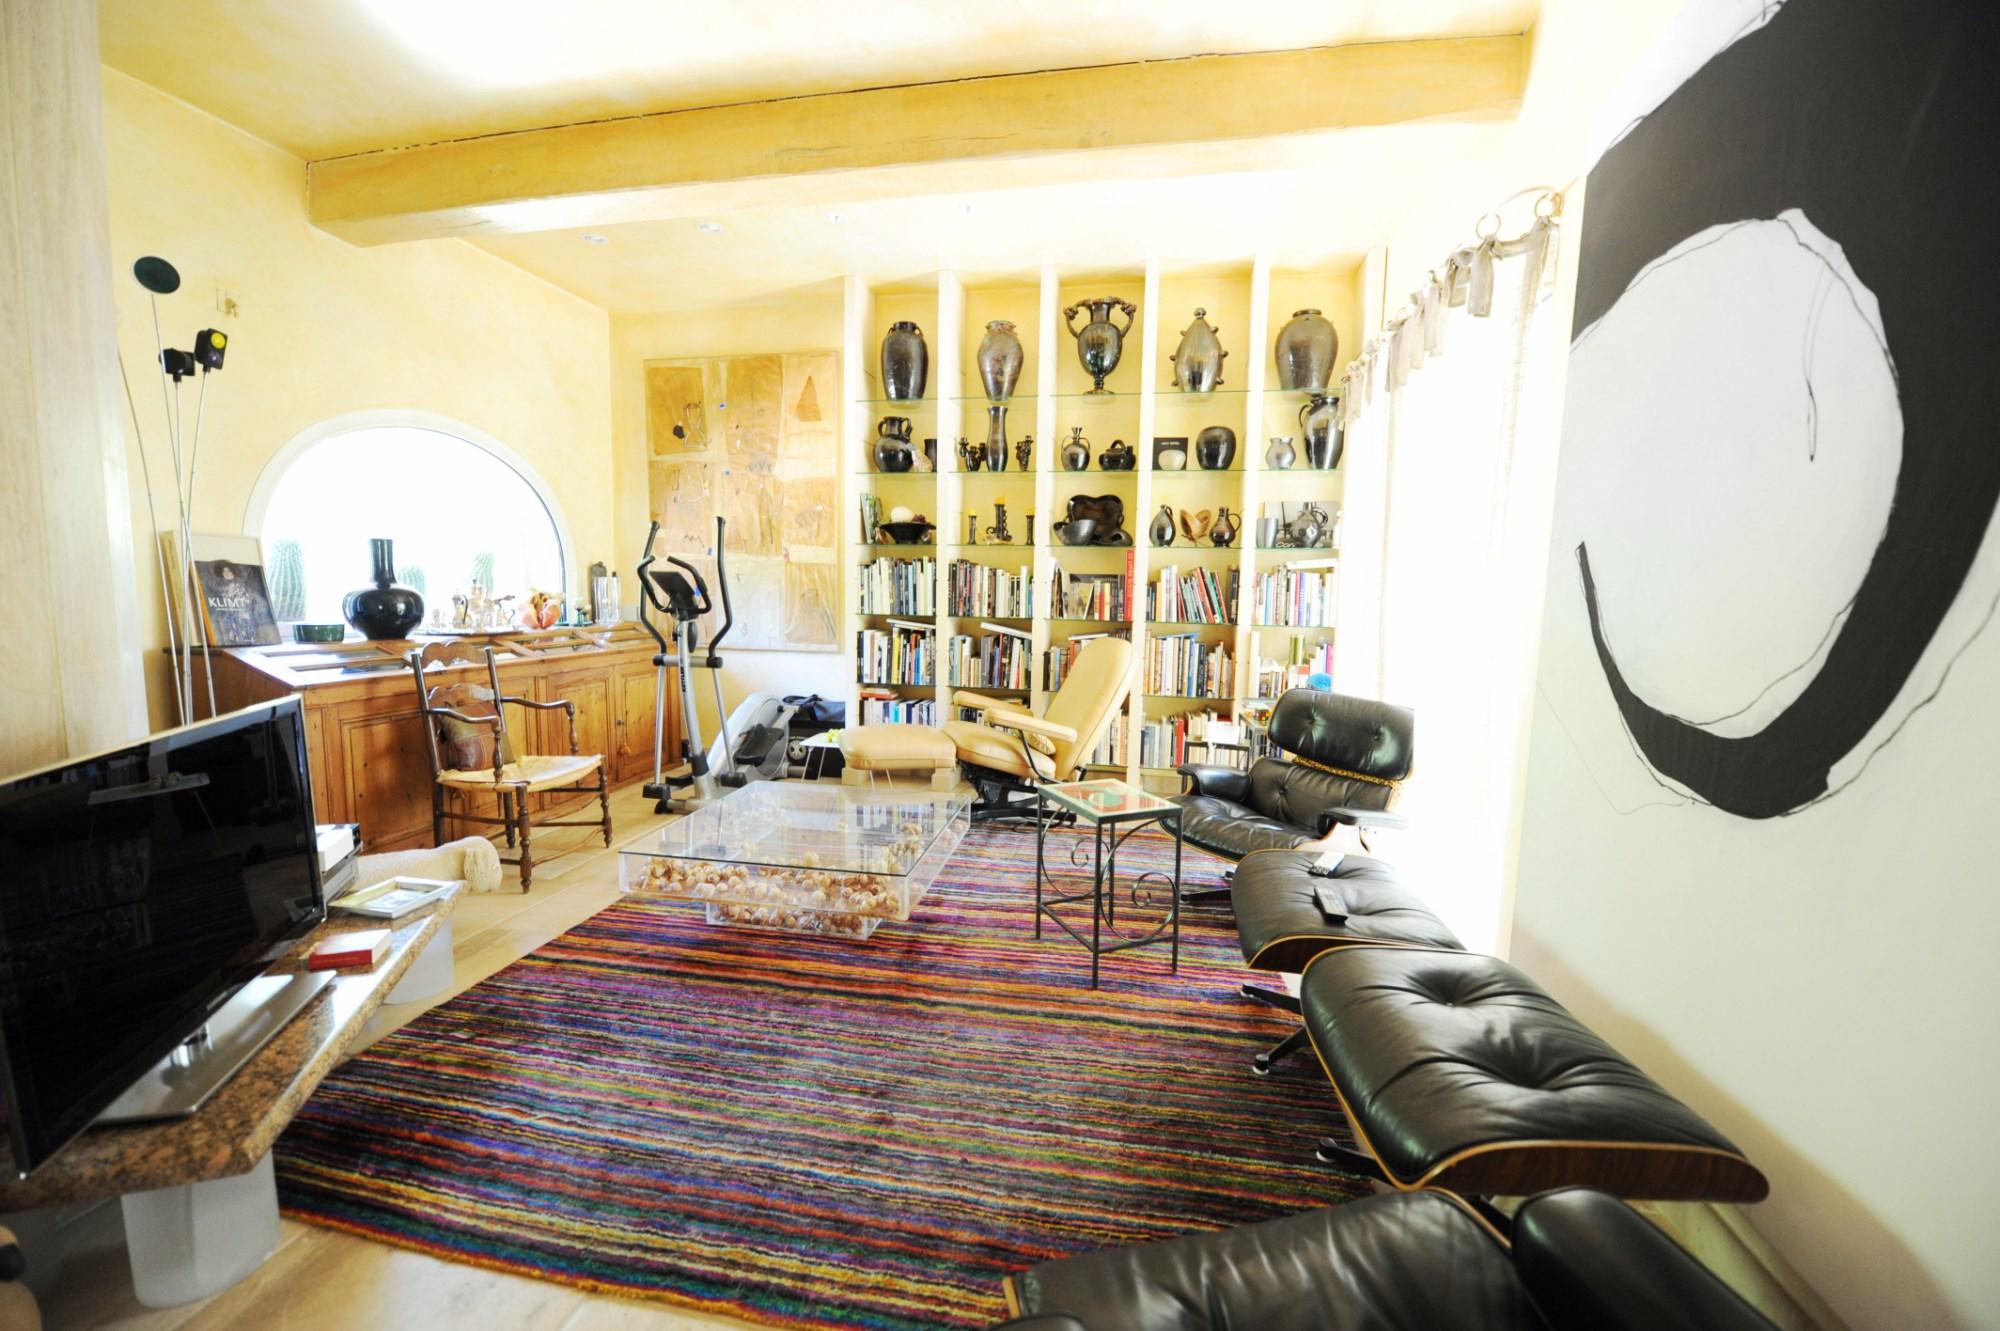 A vendre en Luberon,  propriété d'exception sur 19 000 m² avec maison de gardiens, salle de gym, sauna, piscine...